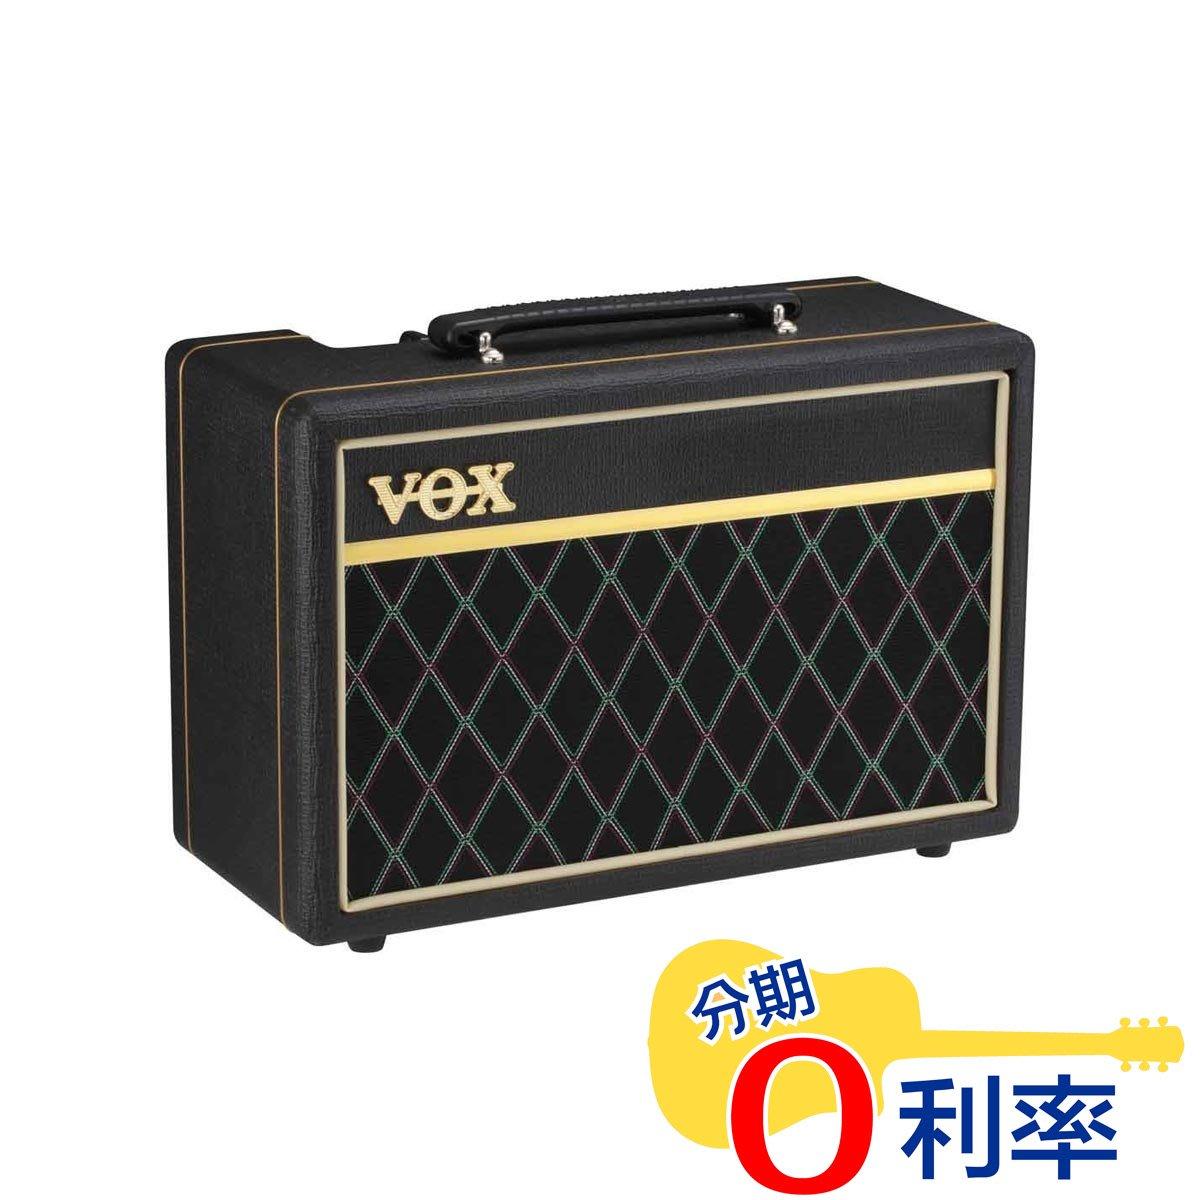 『放輕鬆樂器』全館免運費 VOX Pathfinder Bass Amplifier 10瓦 電貝斯 音箱 bass音箱